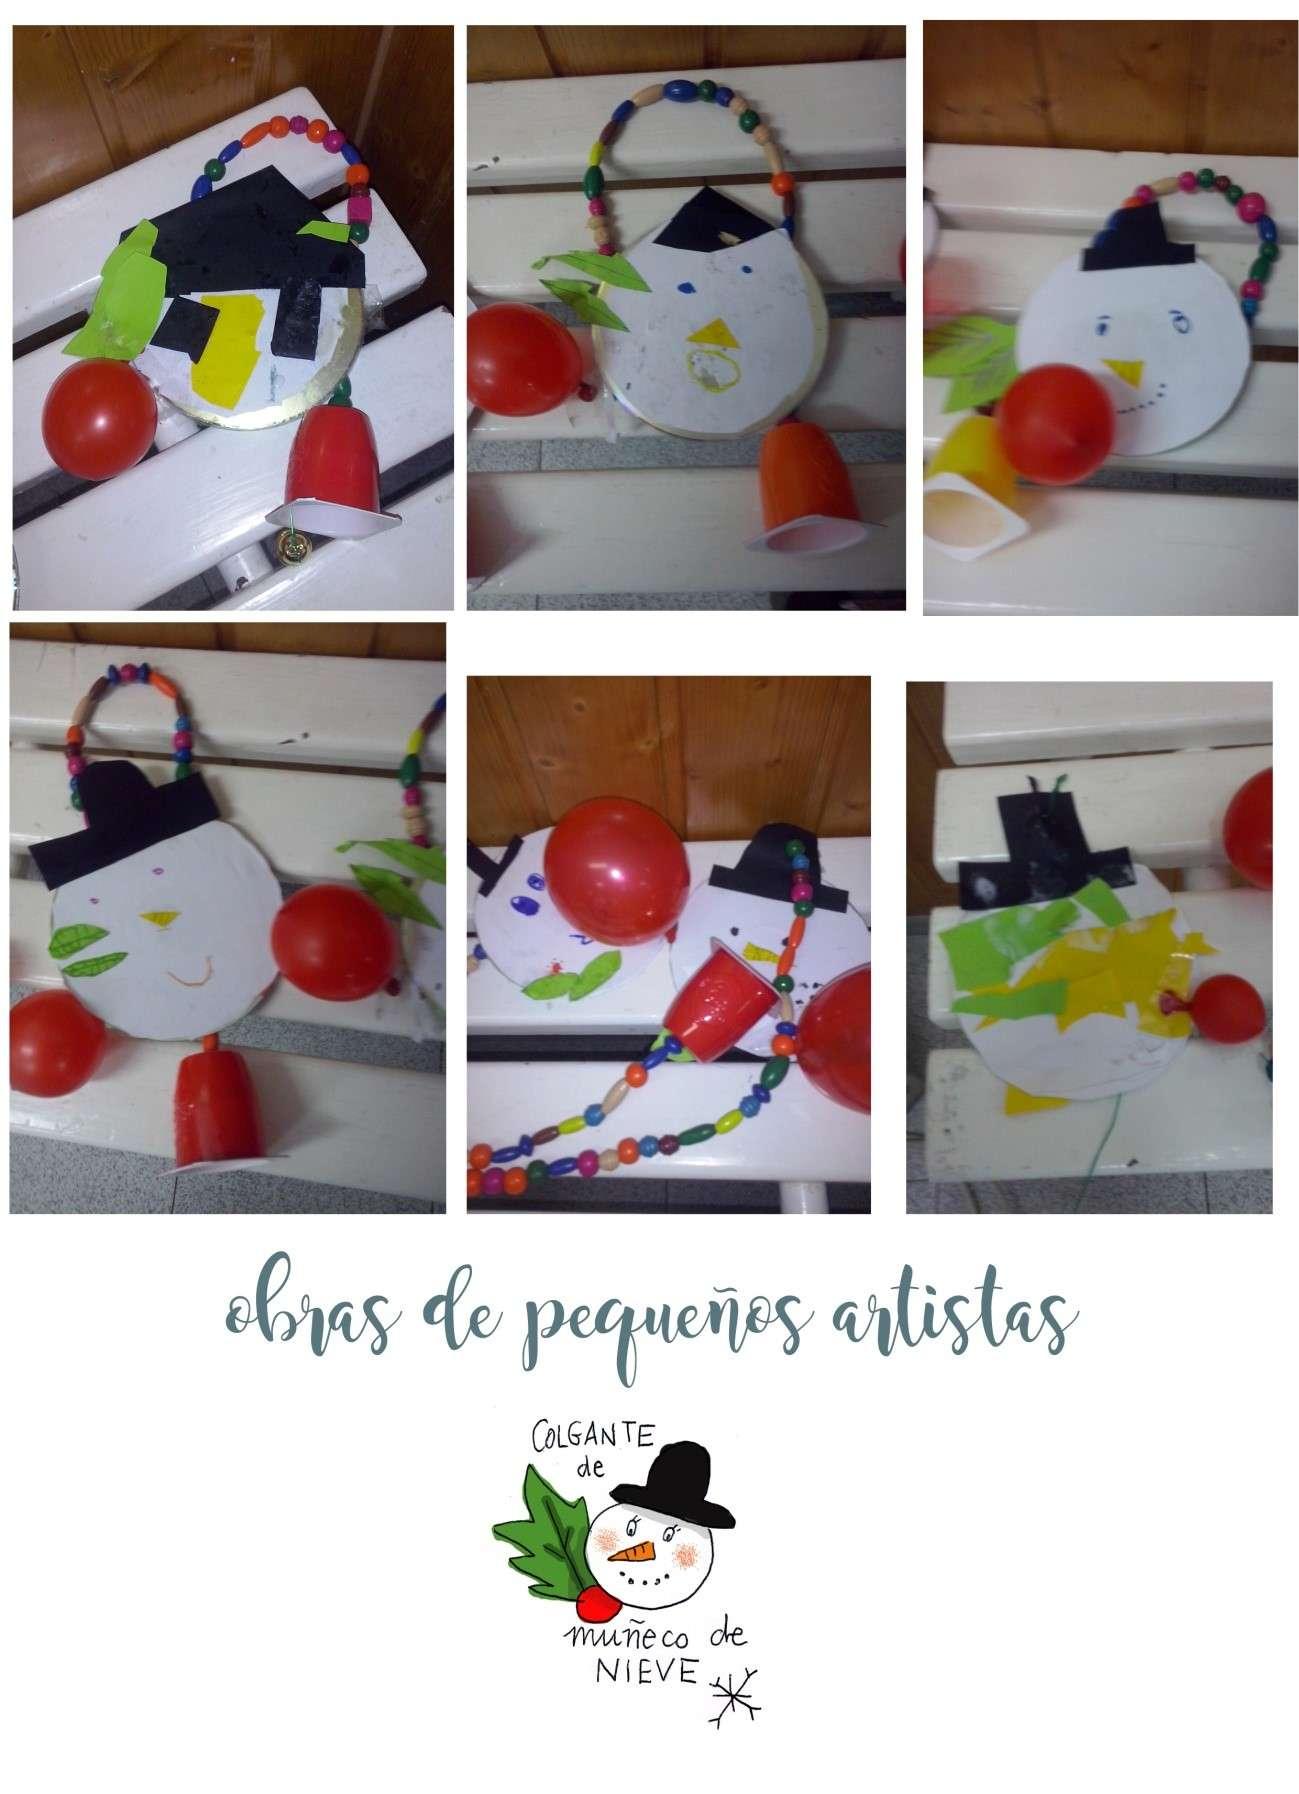 manualidades_eskulanak_ananaart_niños_10